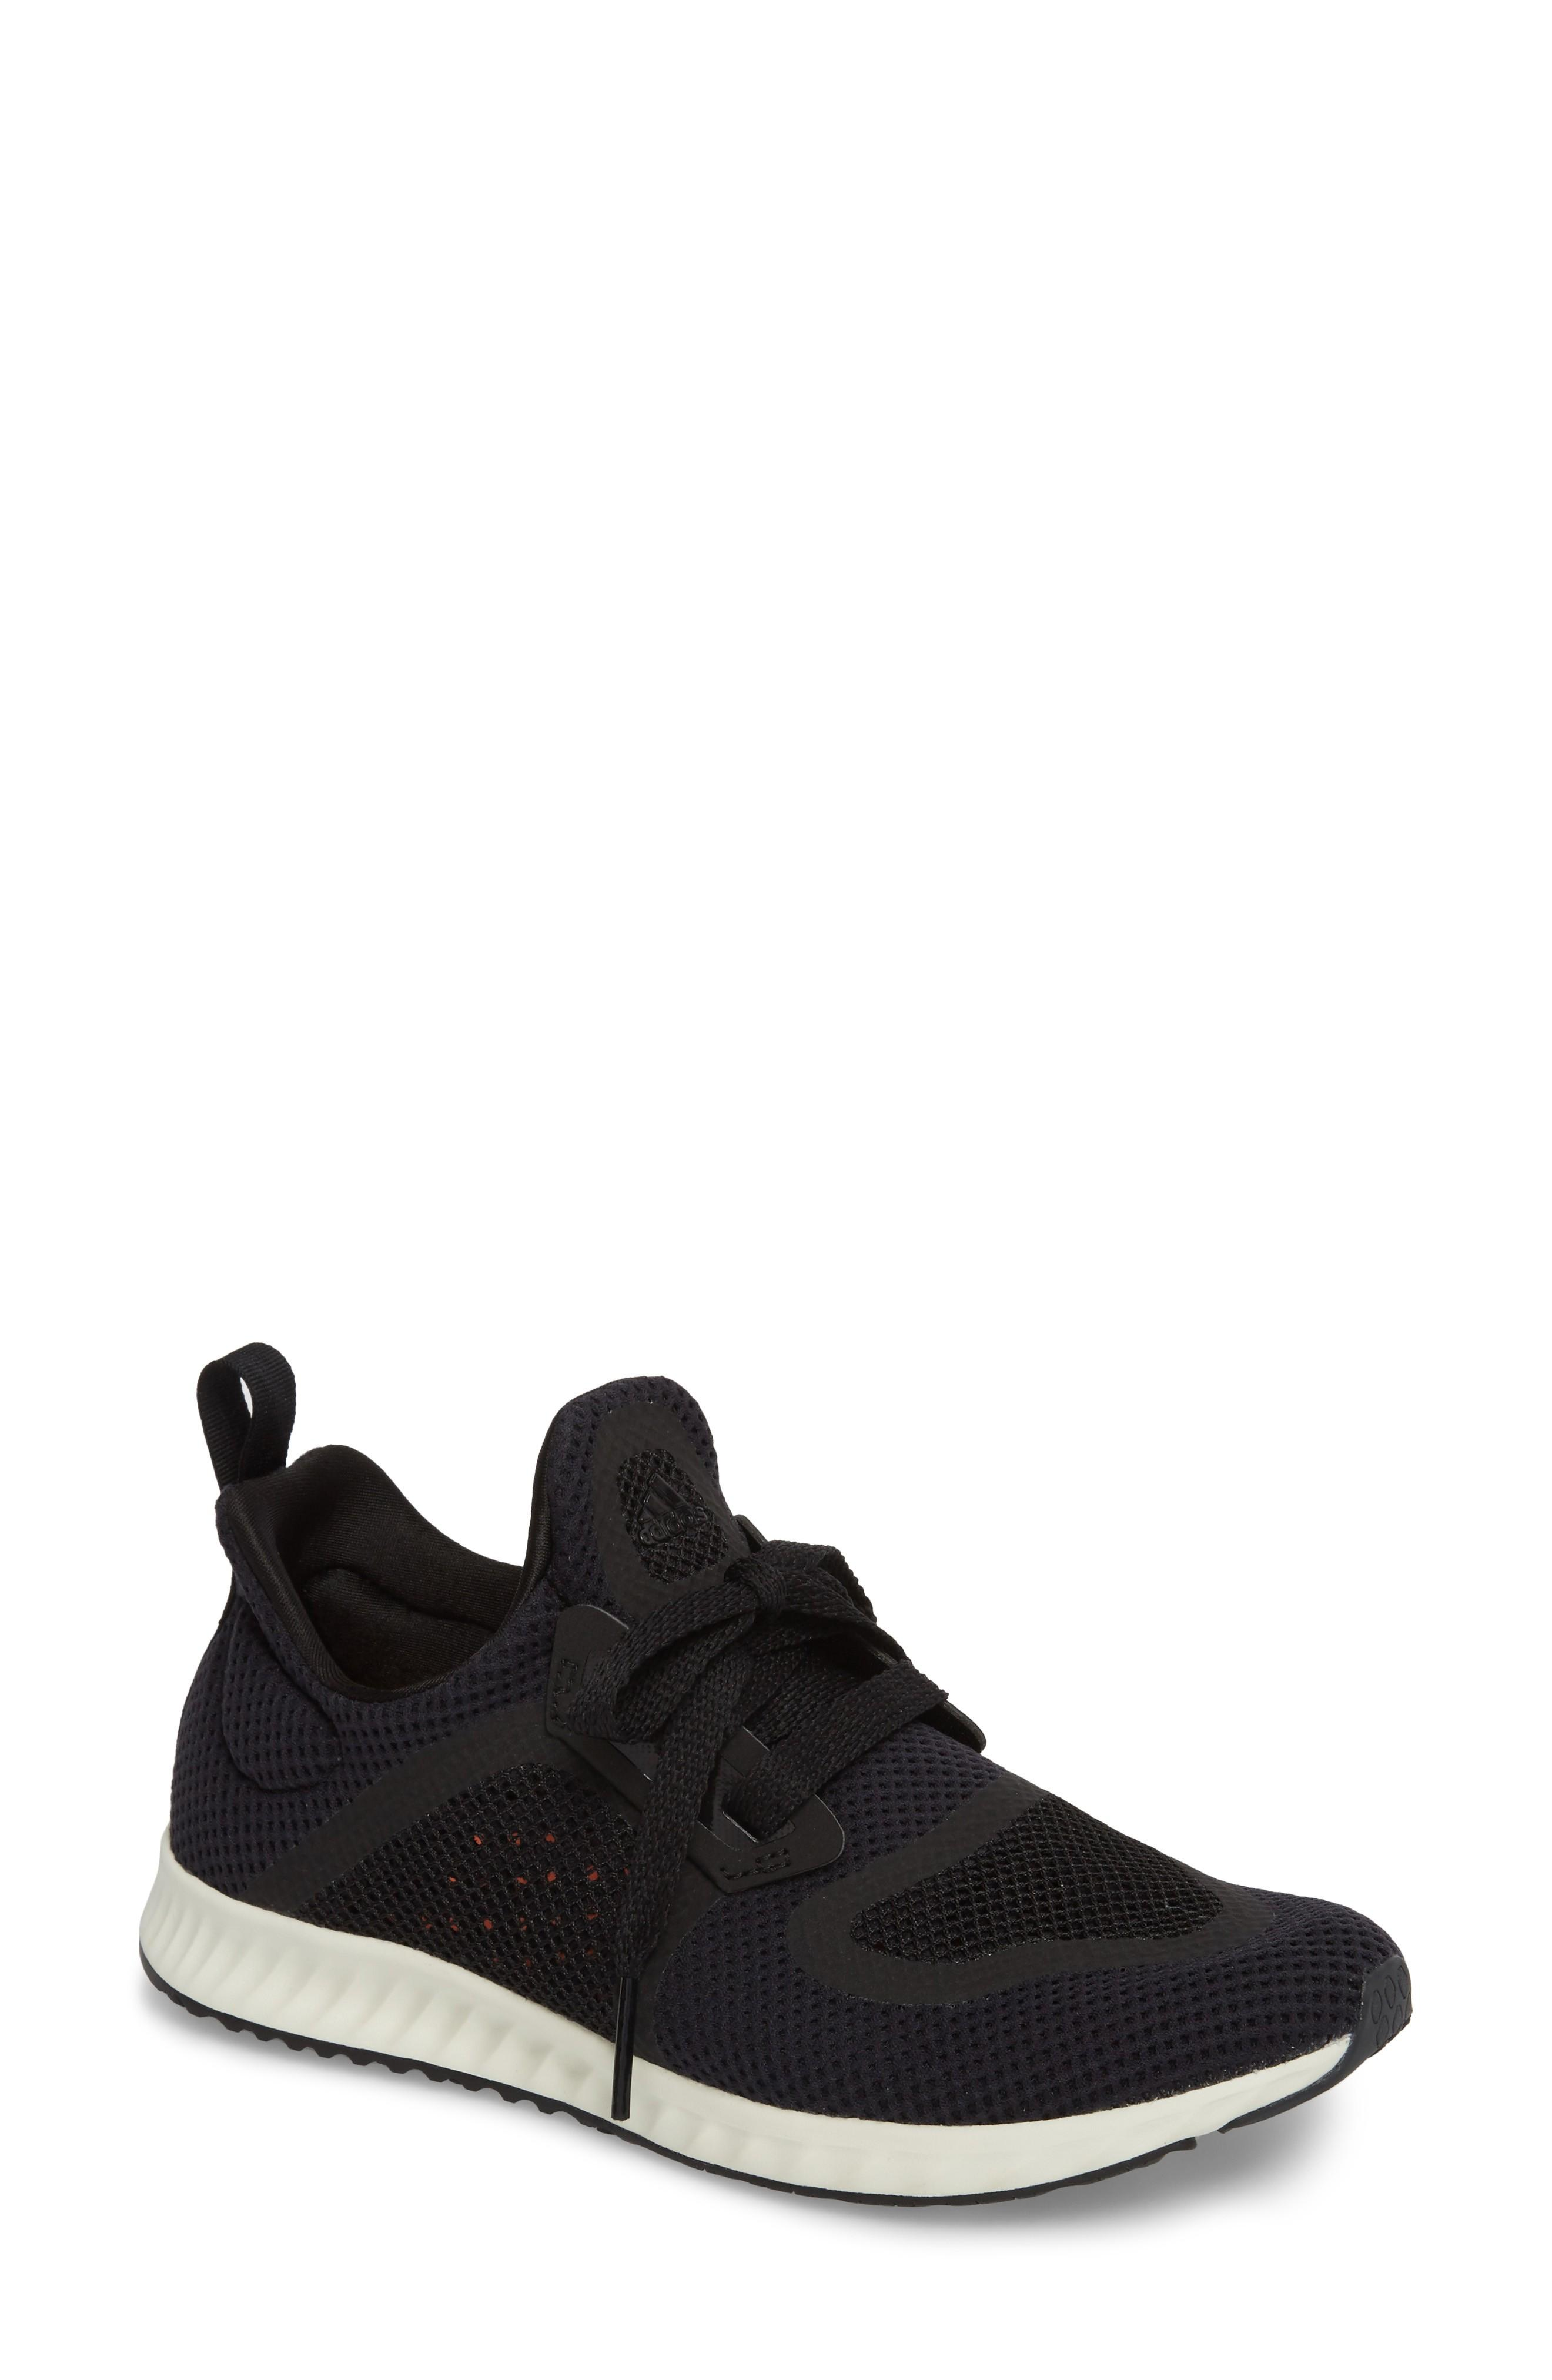 Adidas Originals Edge Lux Clima Running Shoe In Core Black/ Core Black